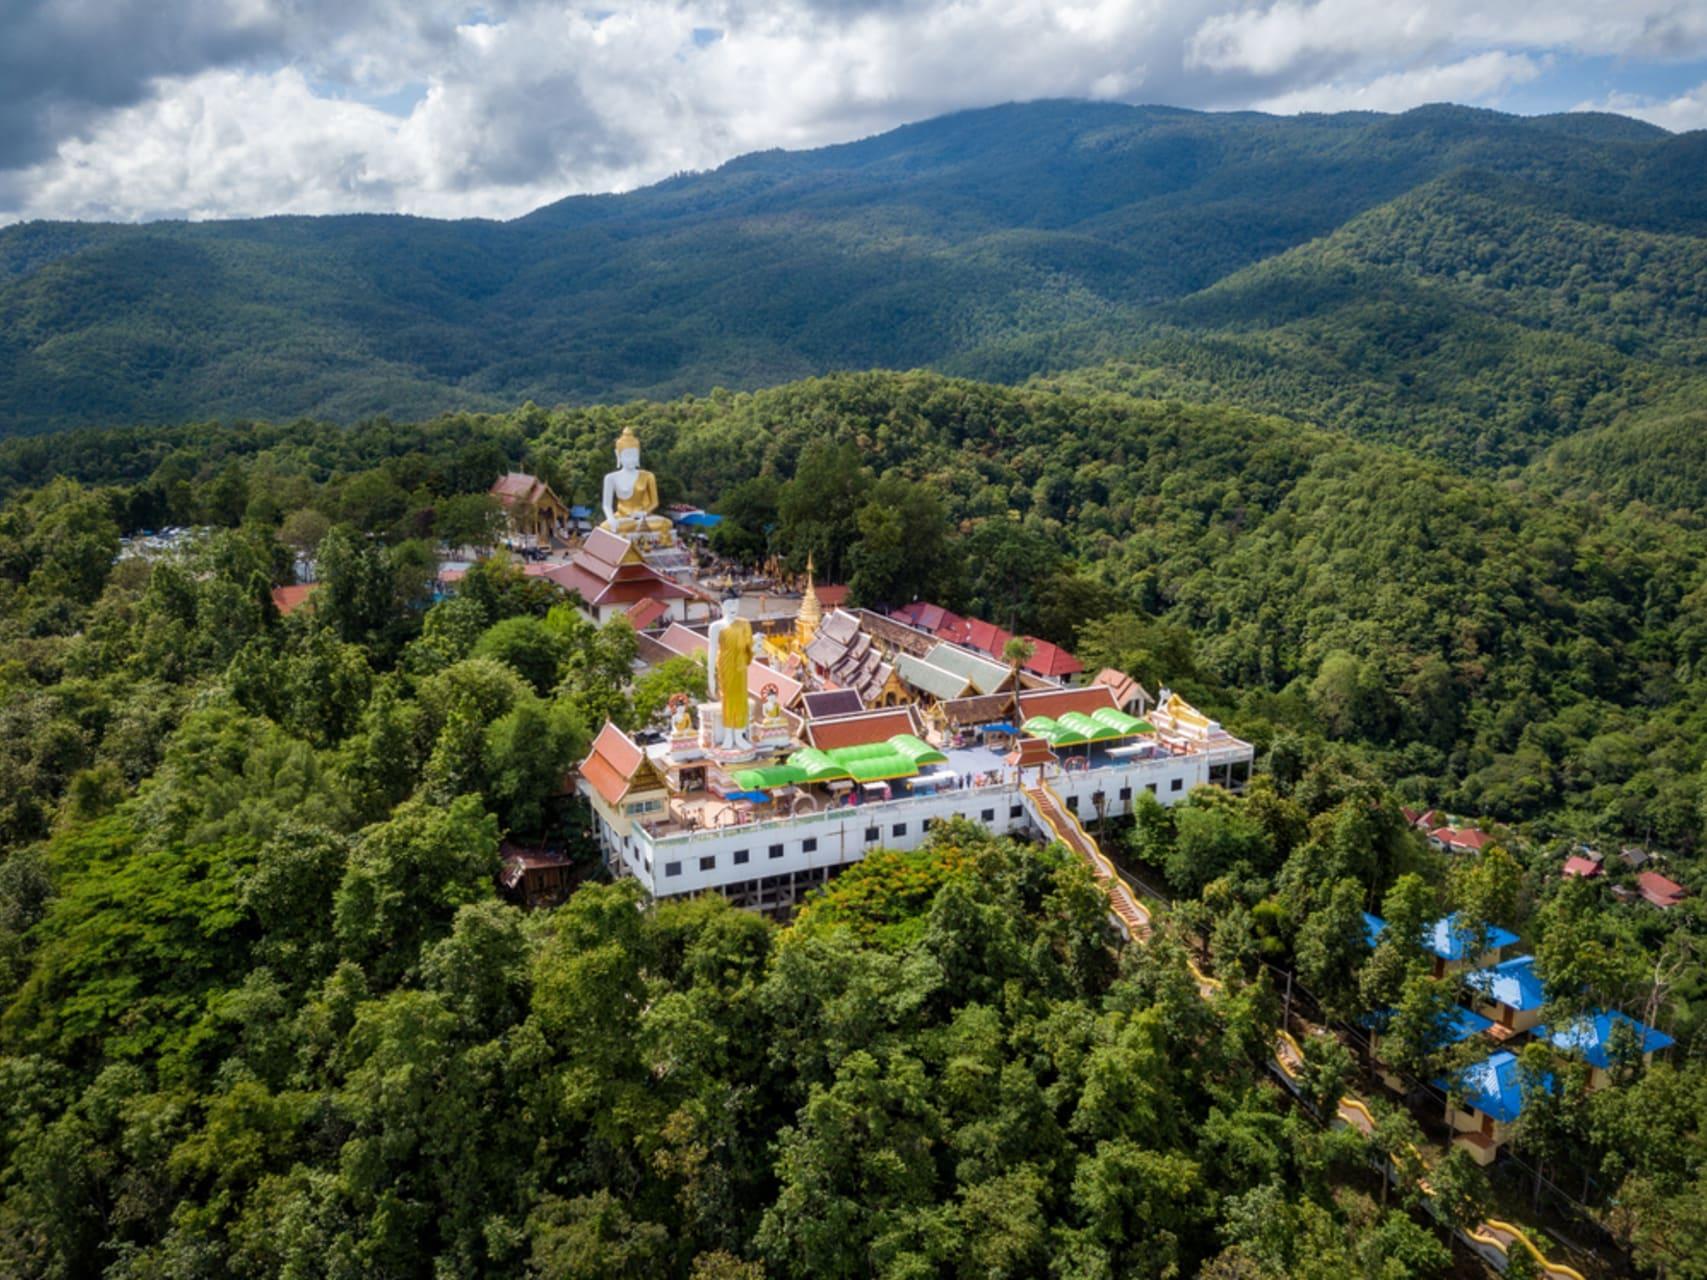 Chiang Mai - Doi Kham, the hidden hilltop temple